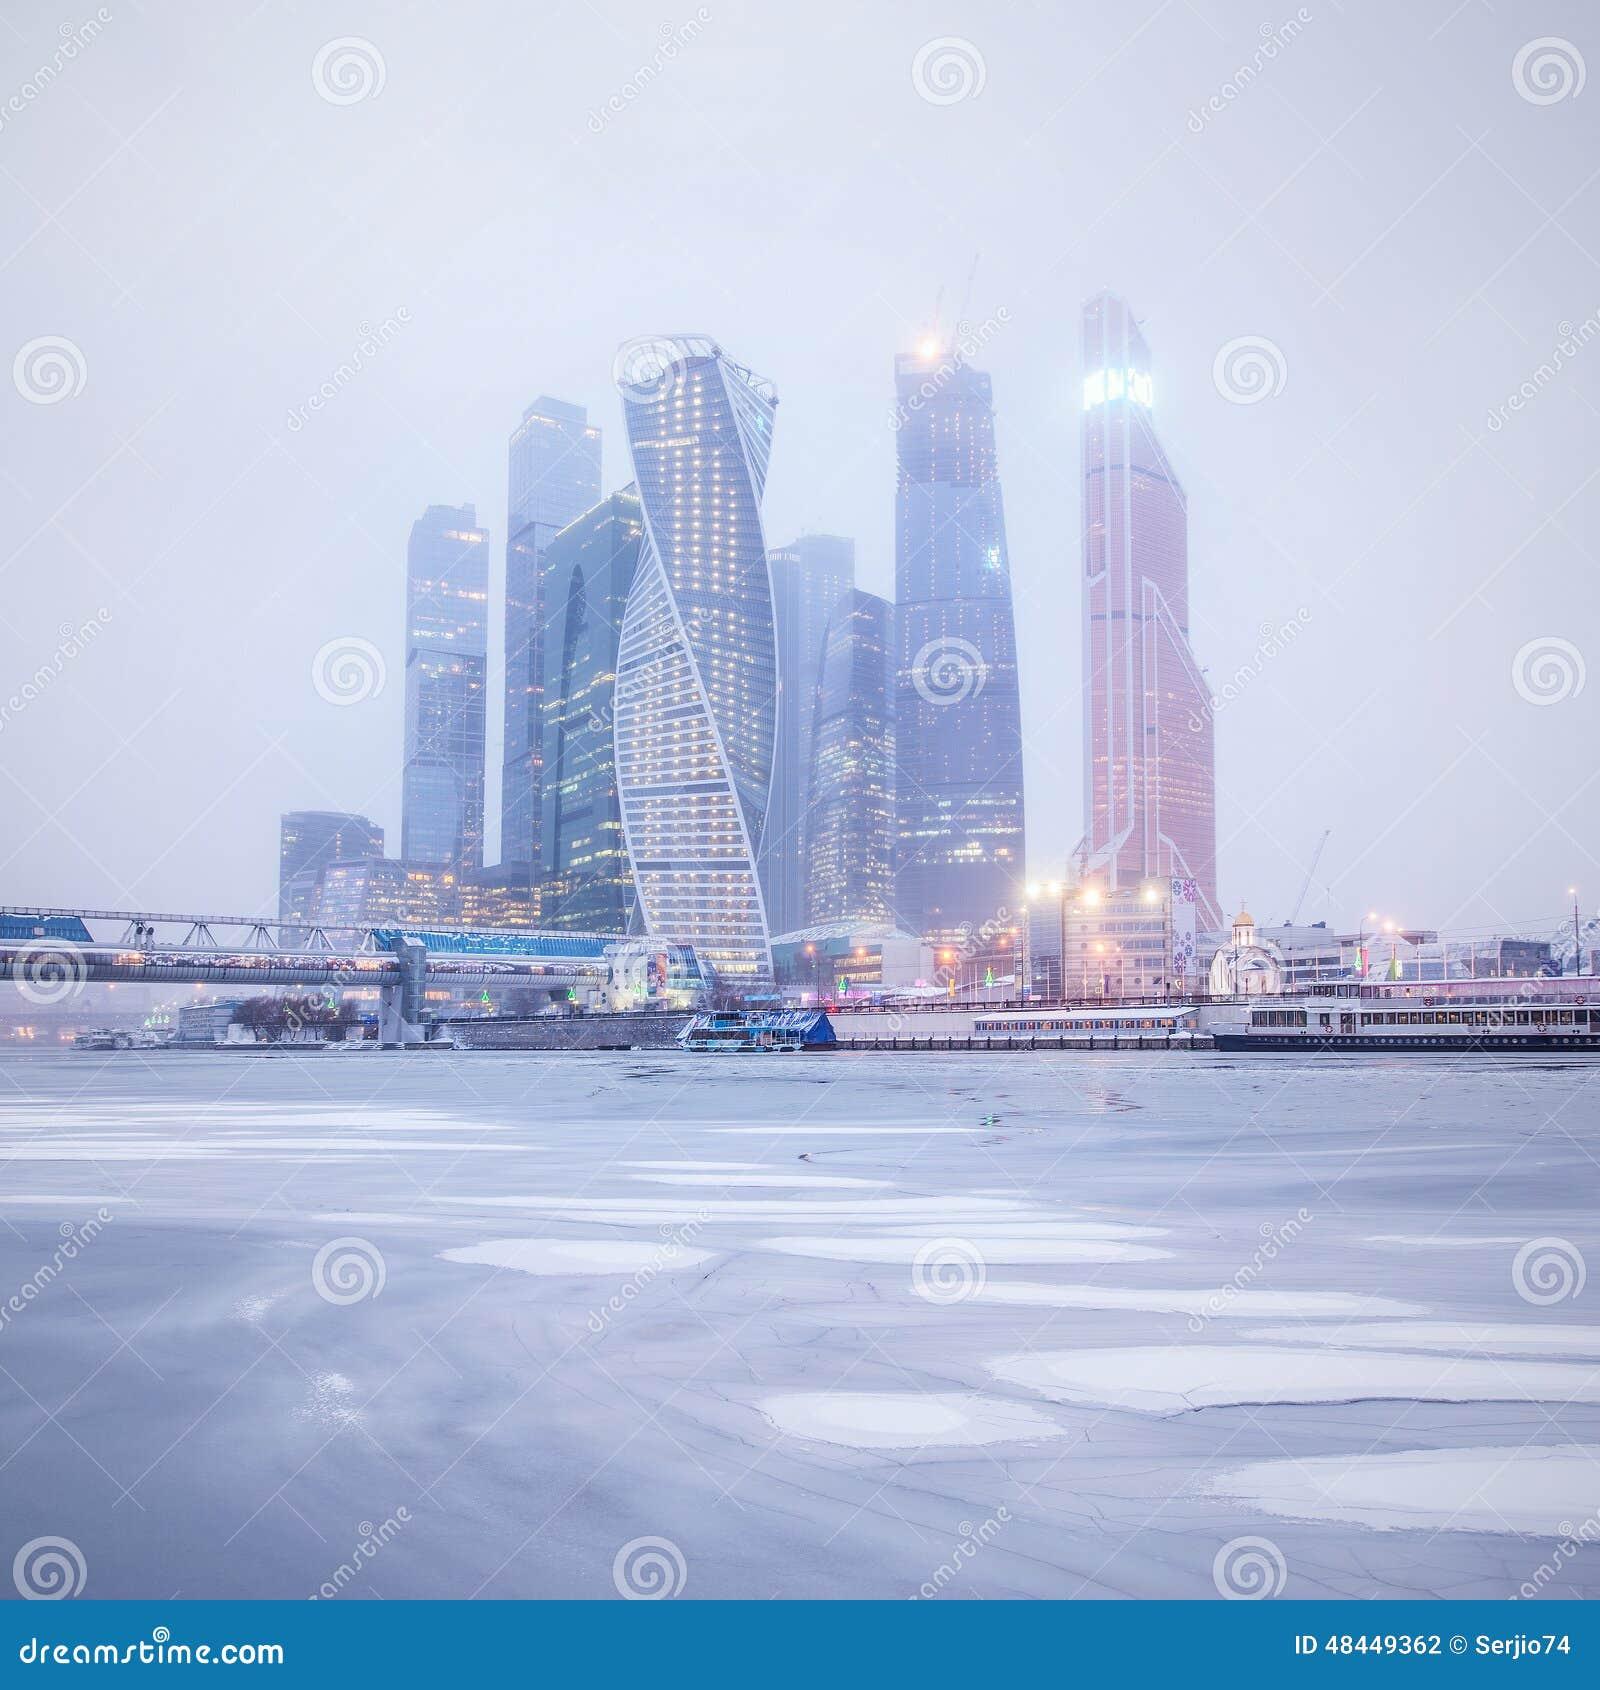 De wintermening van het commerciële centrum onder de sneeuwval en de mist